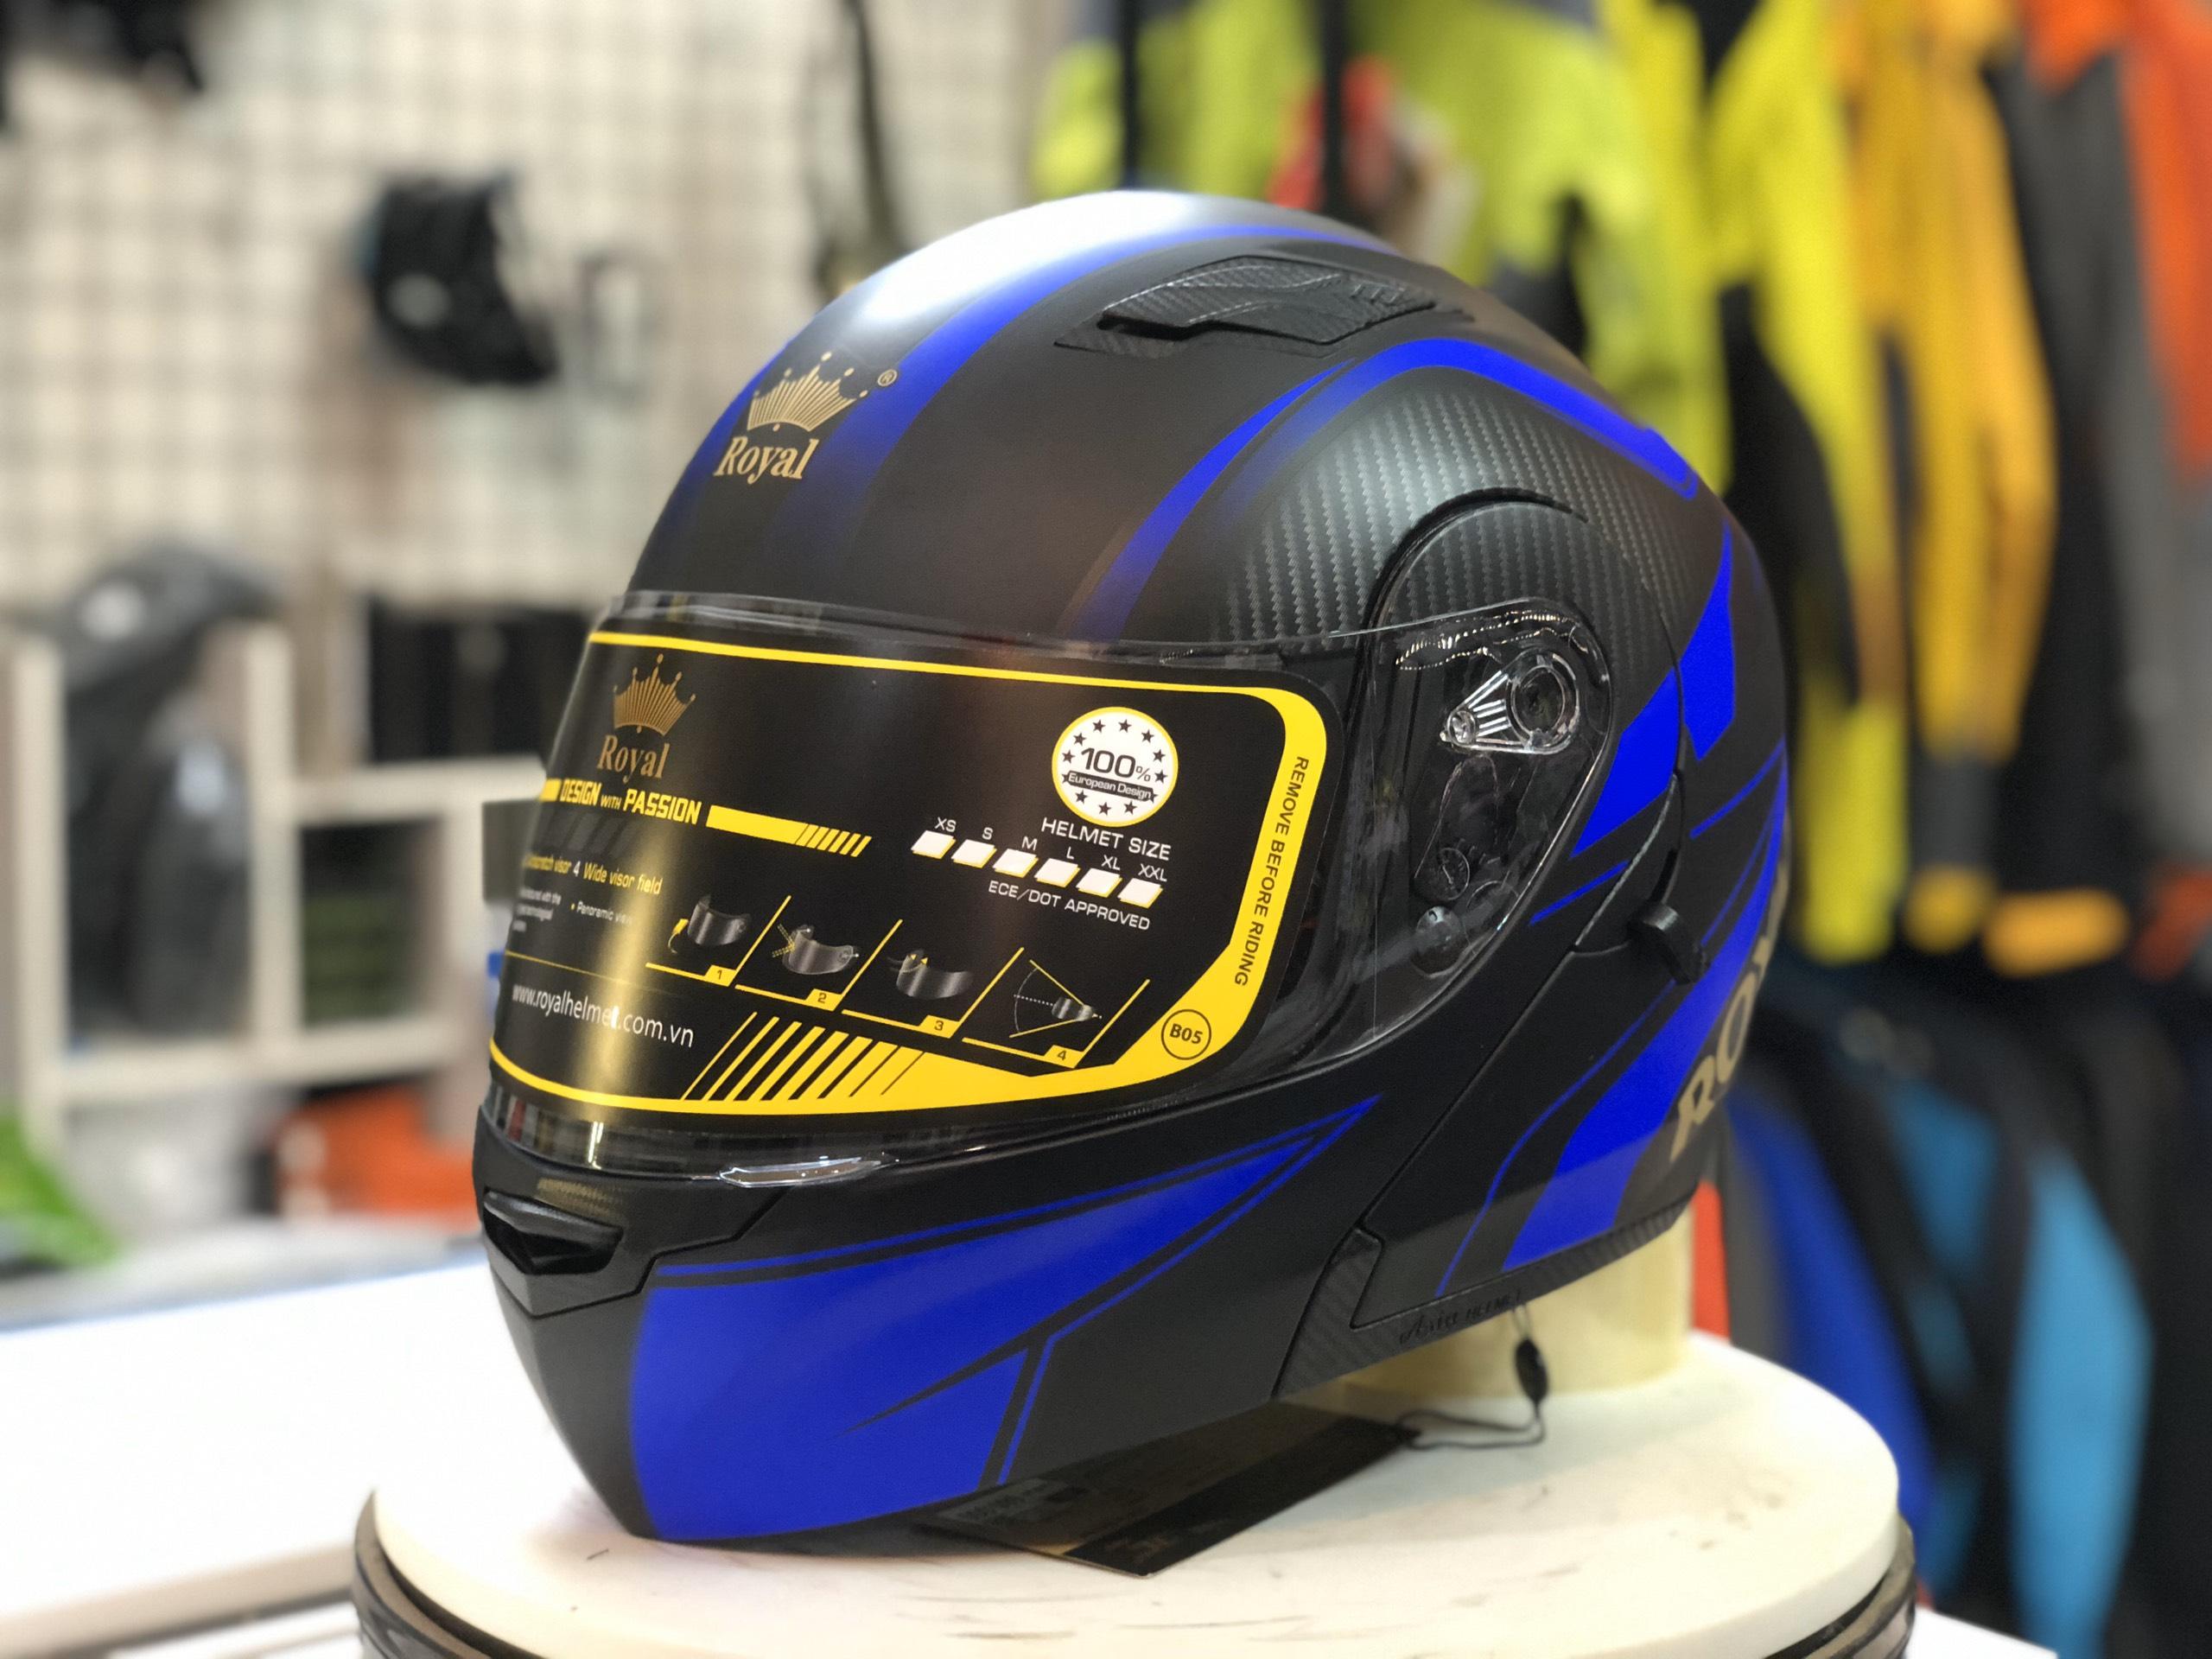 Mũ bảo hiểm Royal M179 xanh (3)